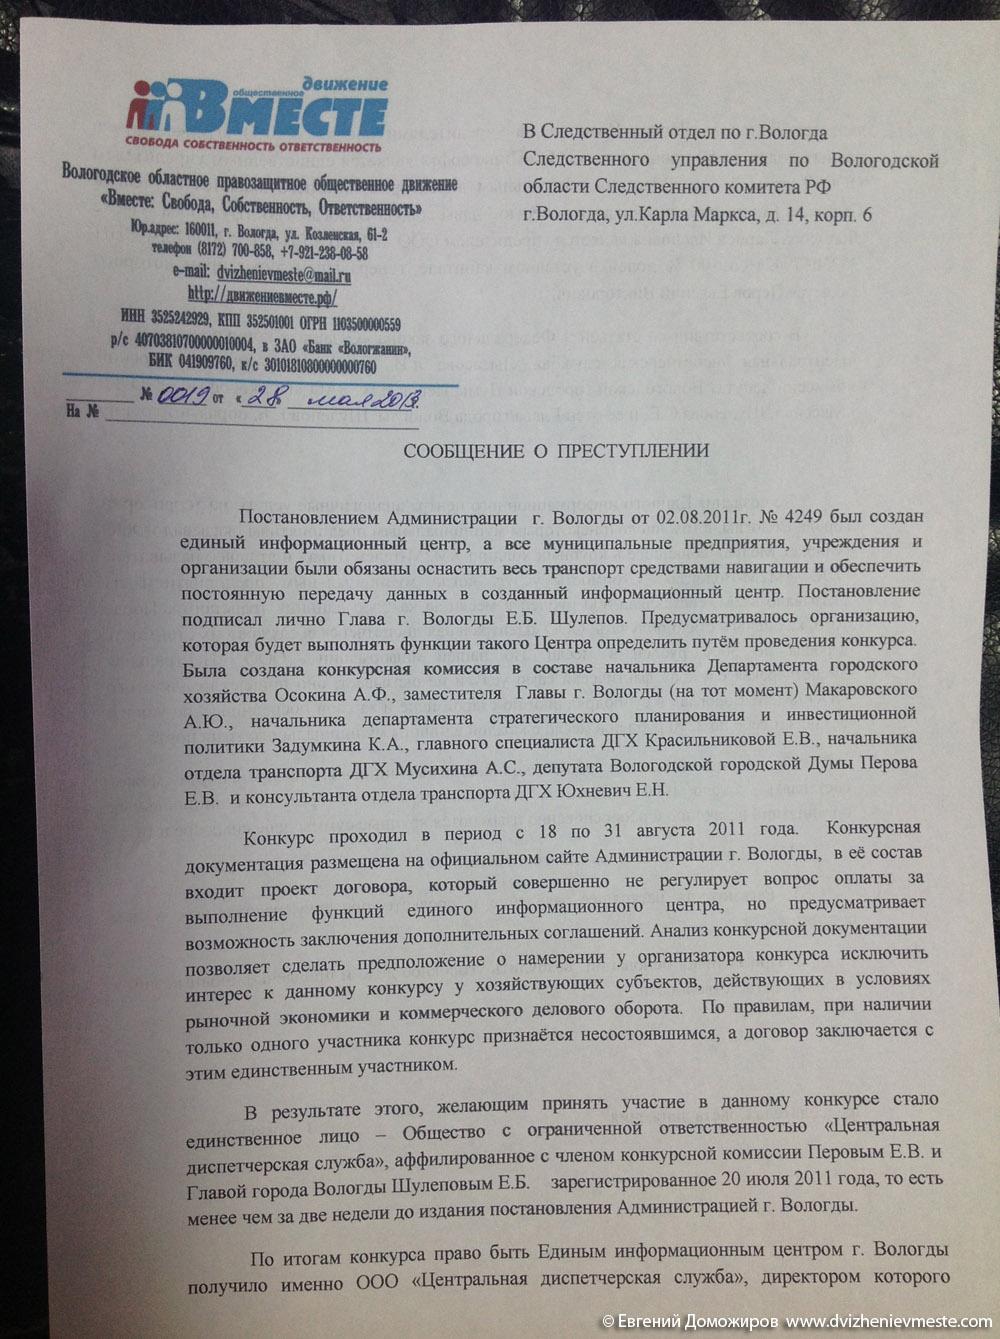 Заявление в СК по ООО